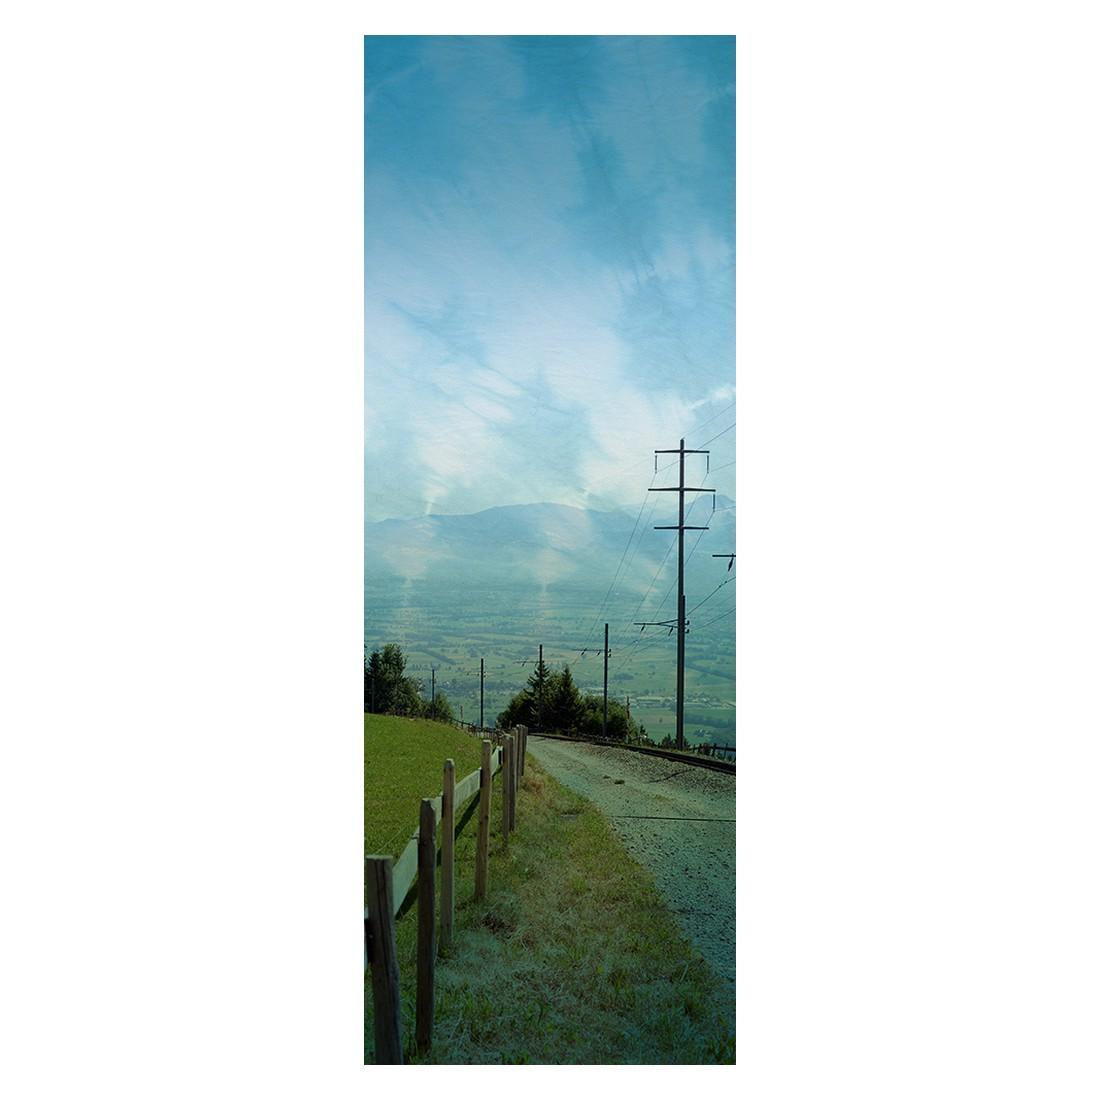 Decopanel Take a walk – blau, grün, weiß – glatt, Architects Paper günstig online kaufen